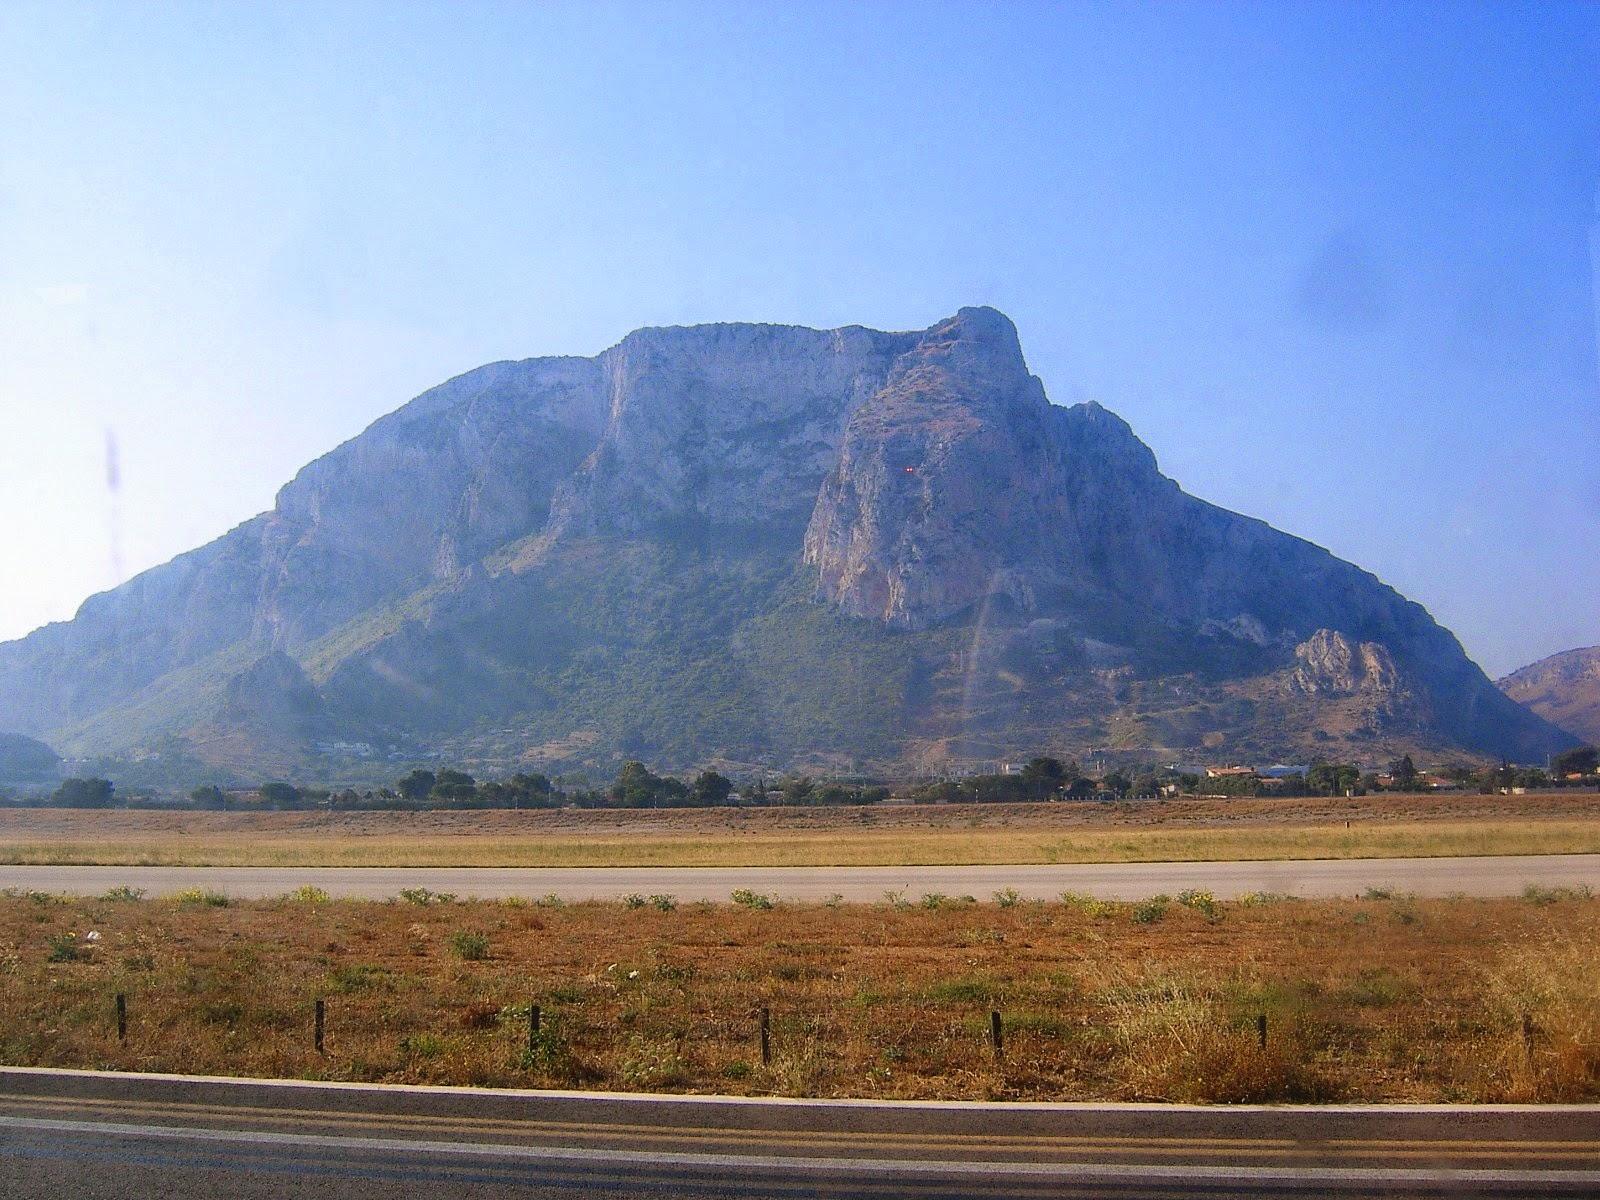 c8c1326f8d Palermo-t Conca d'Oro-nak, azaz arany kagylónak is nevezik. A város  Monreale mögötti hegyek és Monte Pellegrino között fekszik. A repülőtér itt  van a hegyek ...